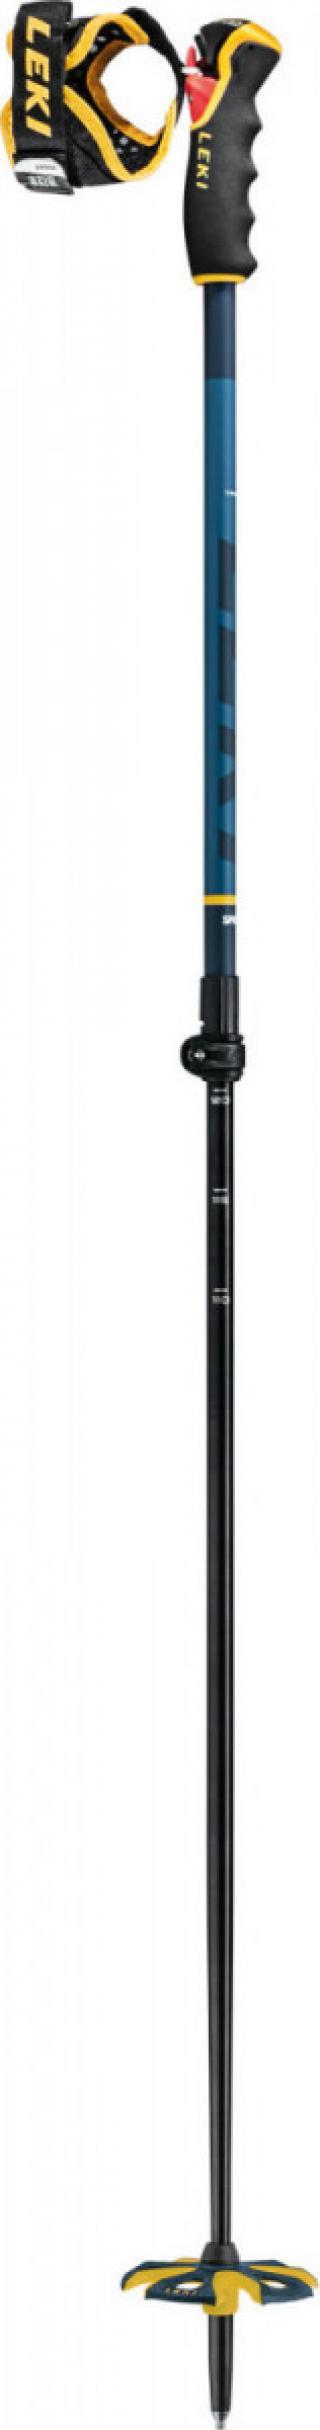 Leki Spitfire Vario 3D 20/21 Délka nastavitelných hůlek: 110-140 cm hliník